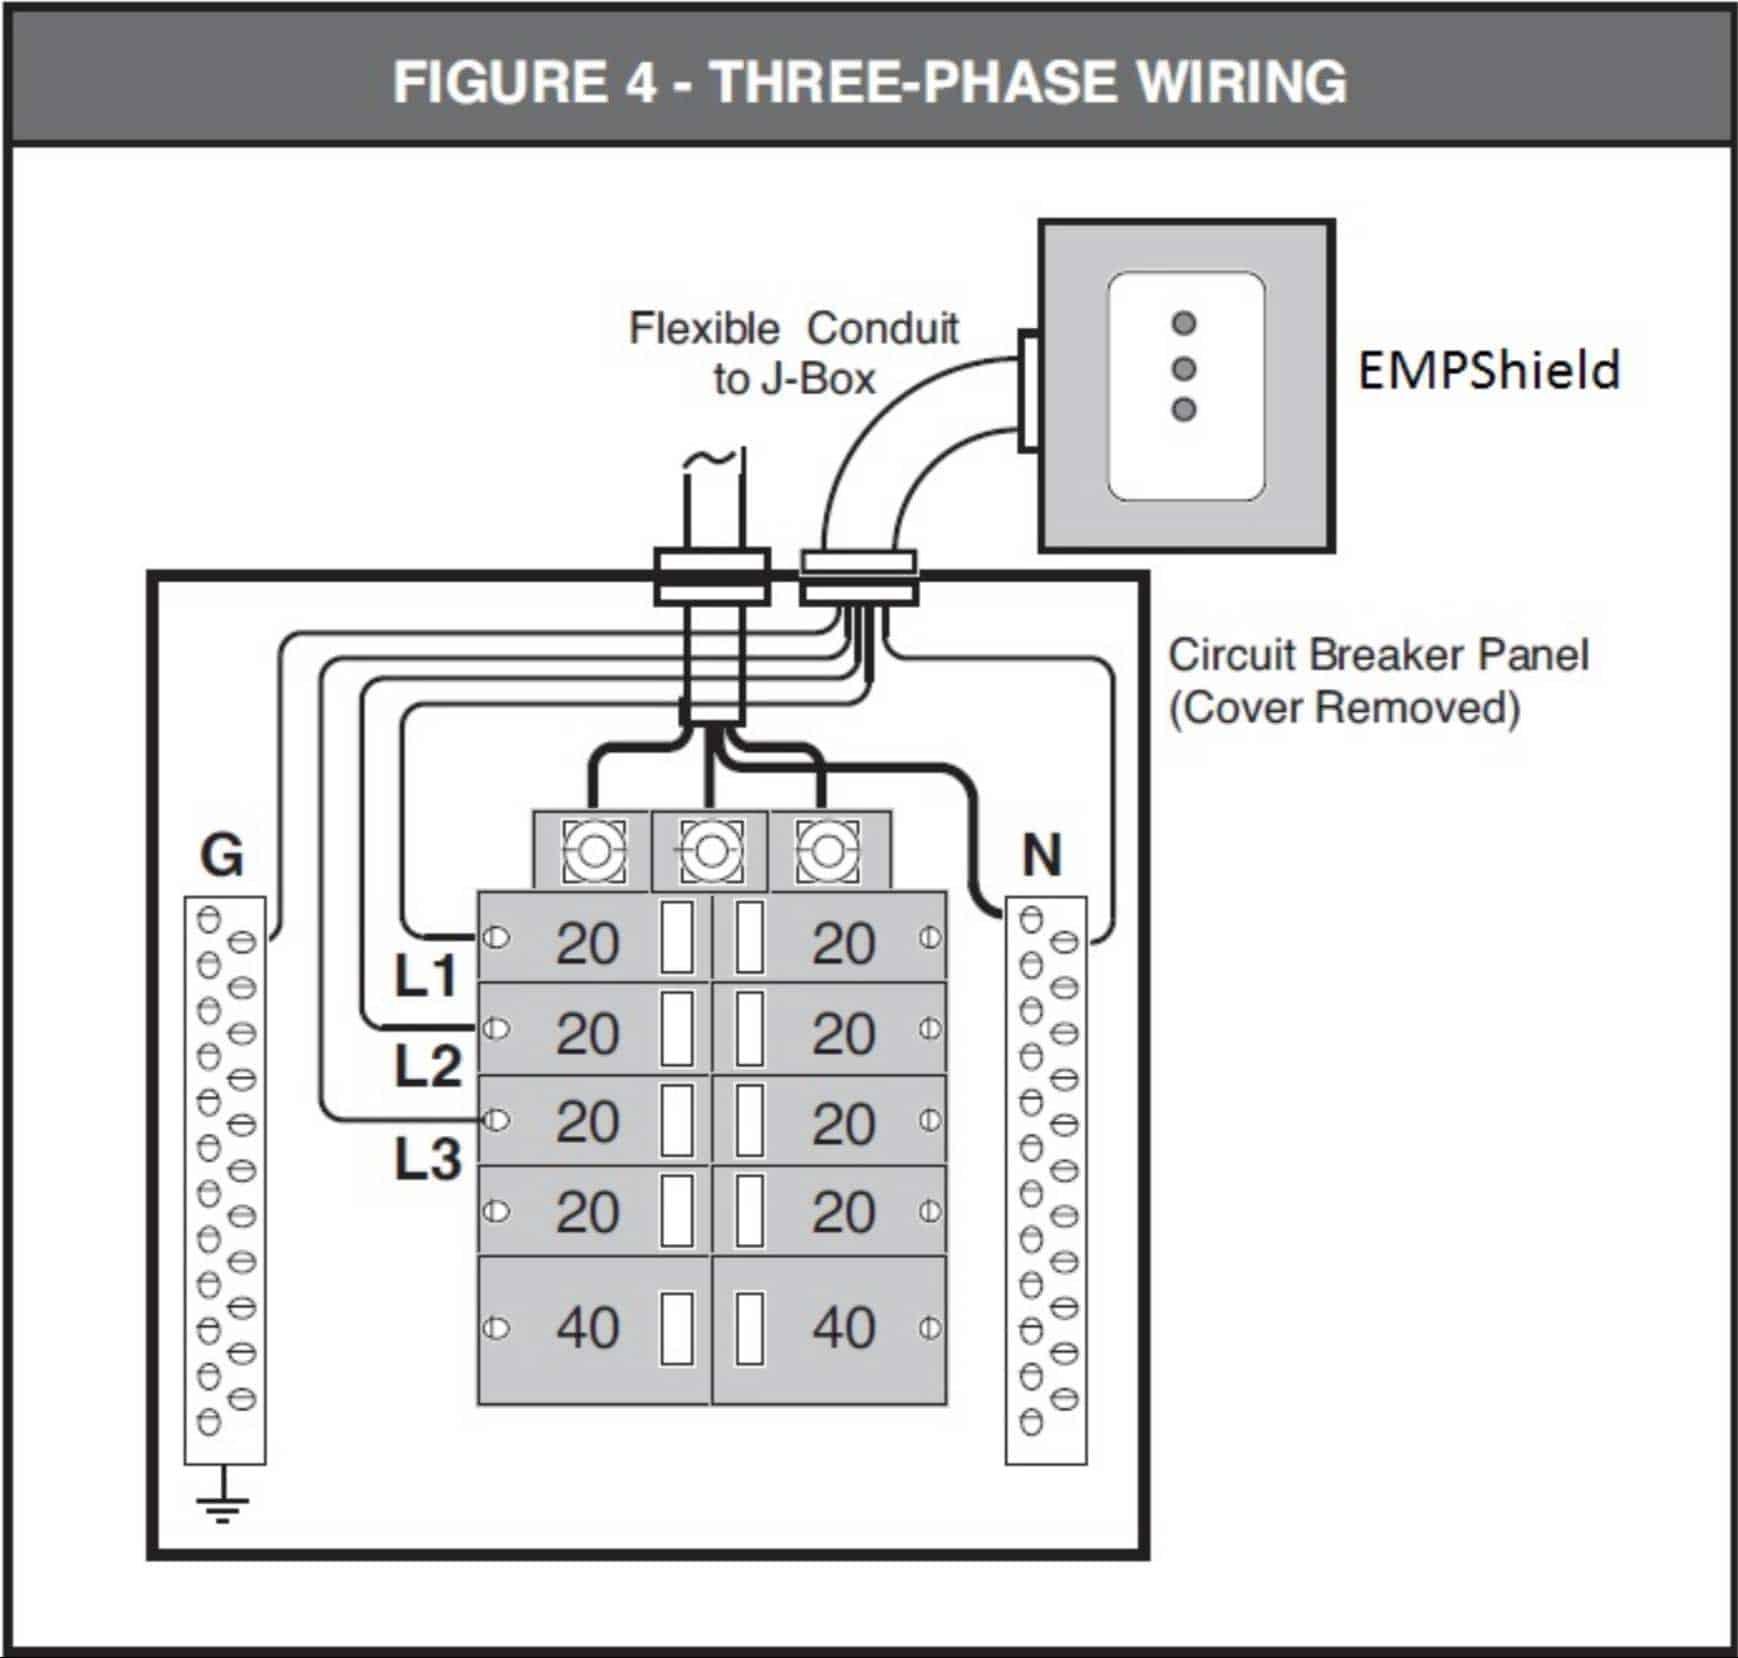 hight resolution of empshield wiring schematic